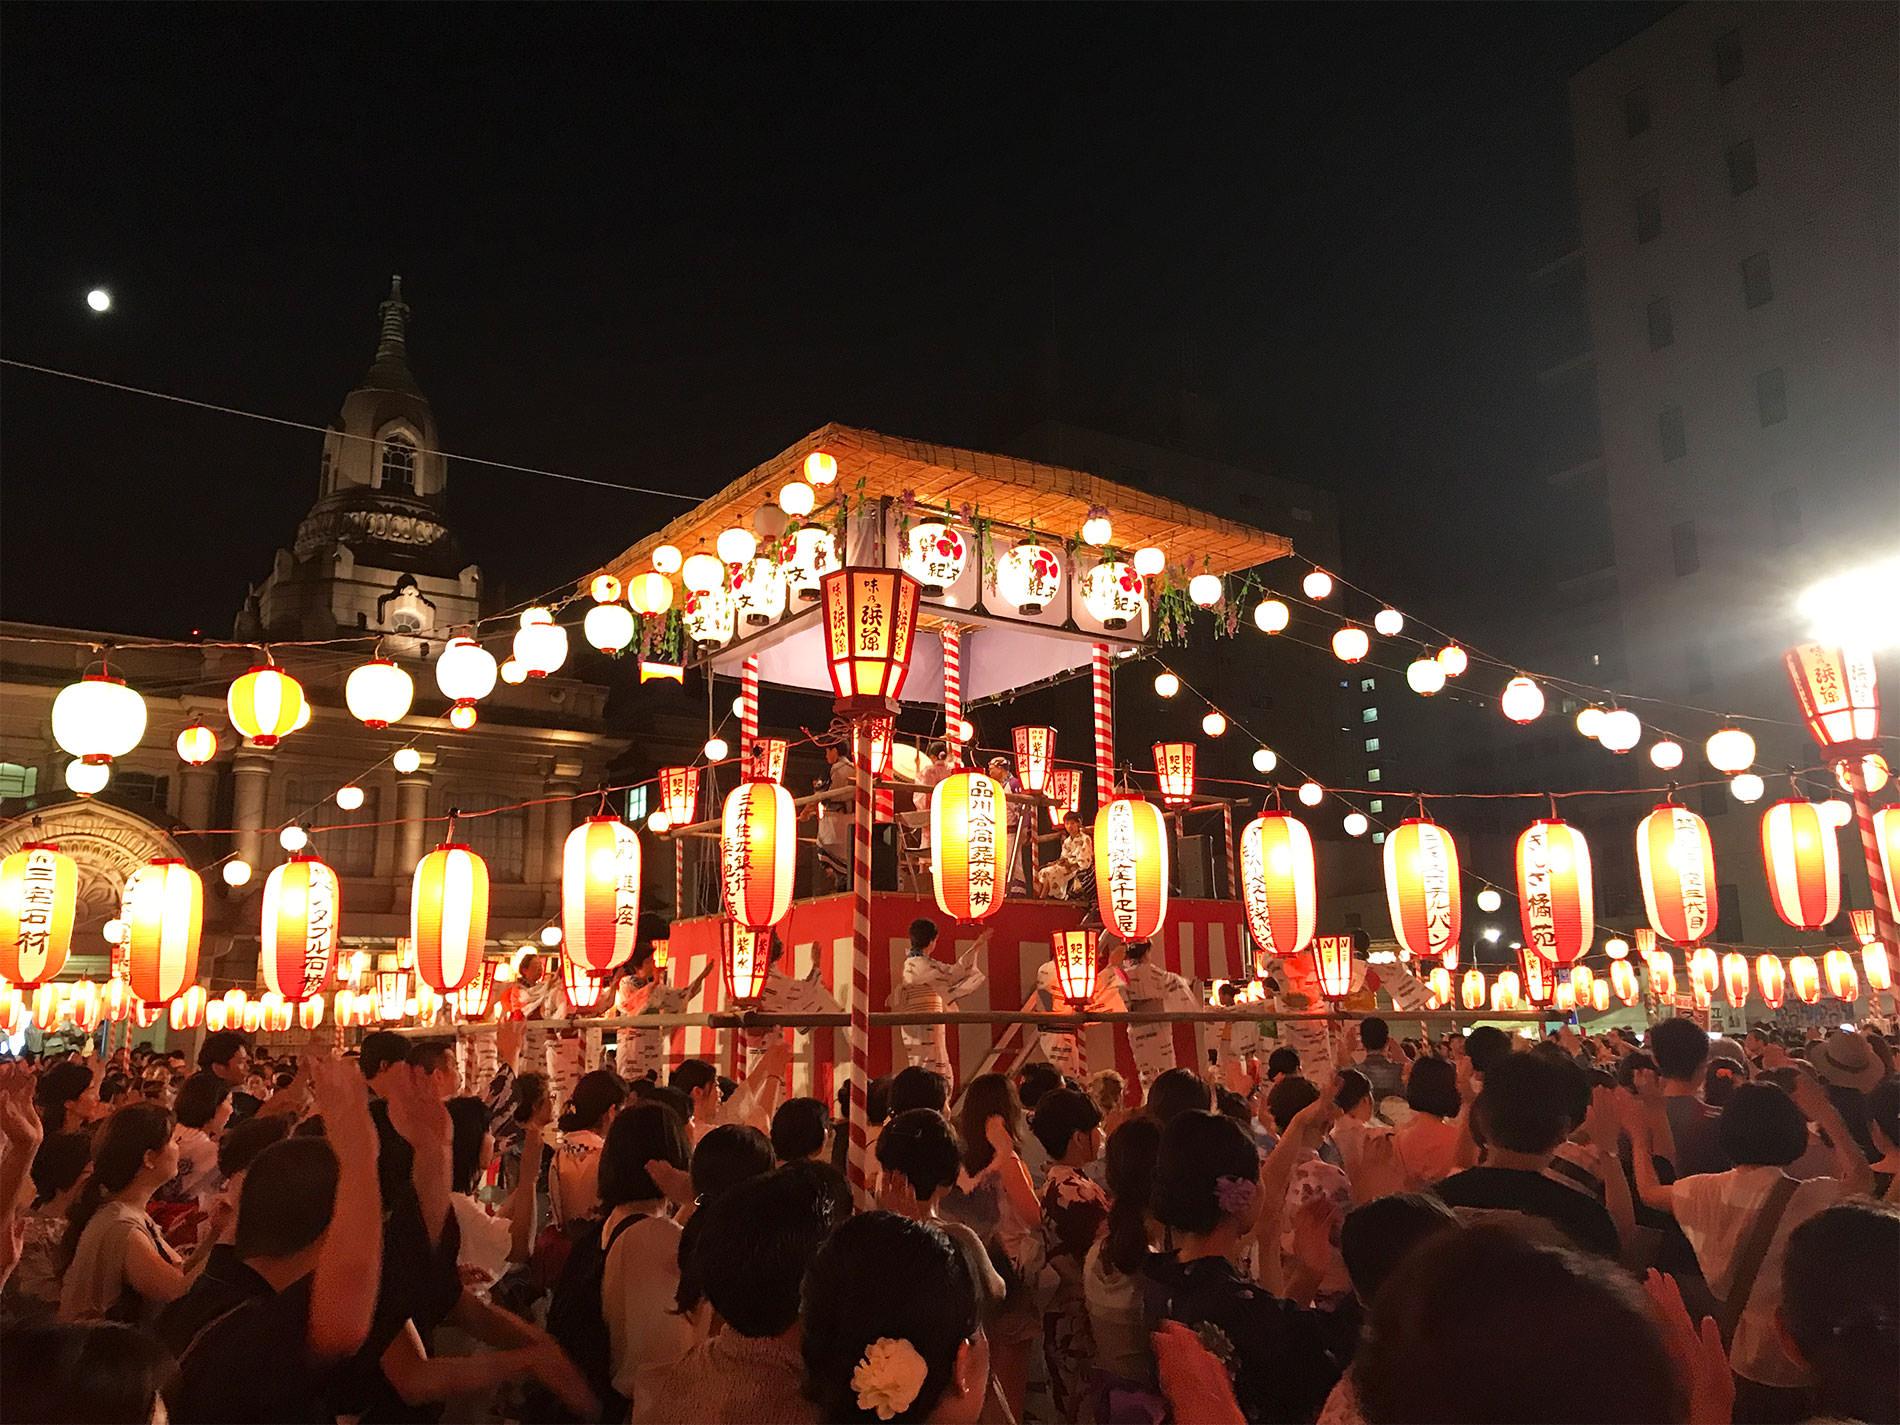 築地本願寺 納涼盆踊り 2017 と、渋谷盆踊りへ寄り道